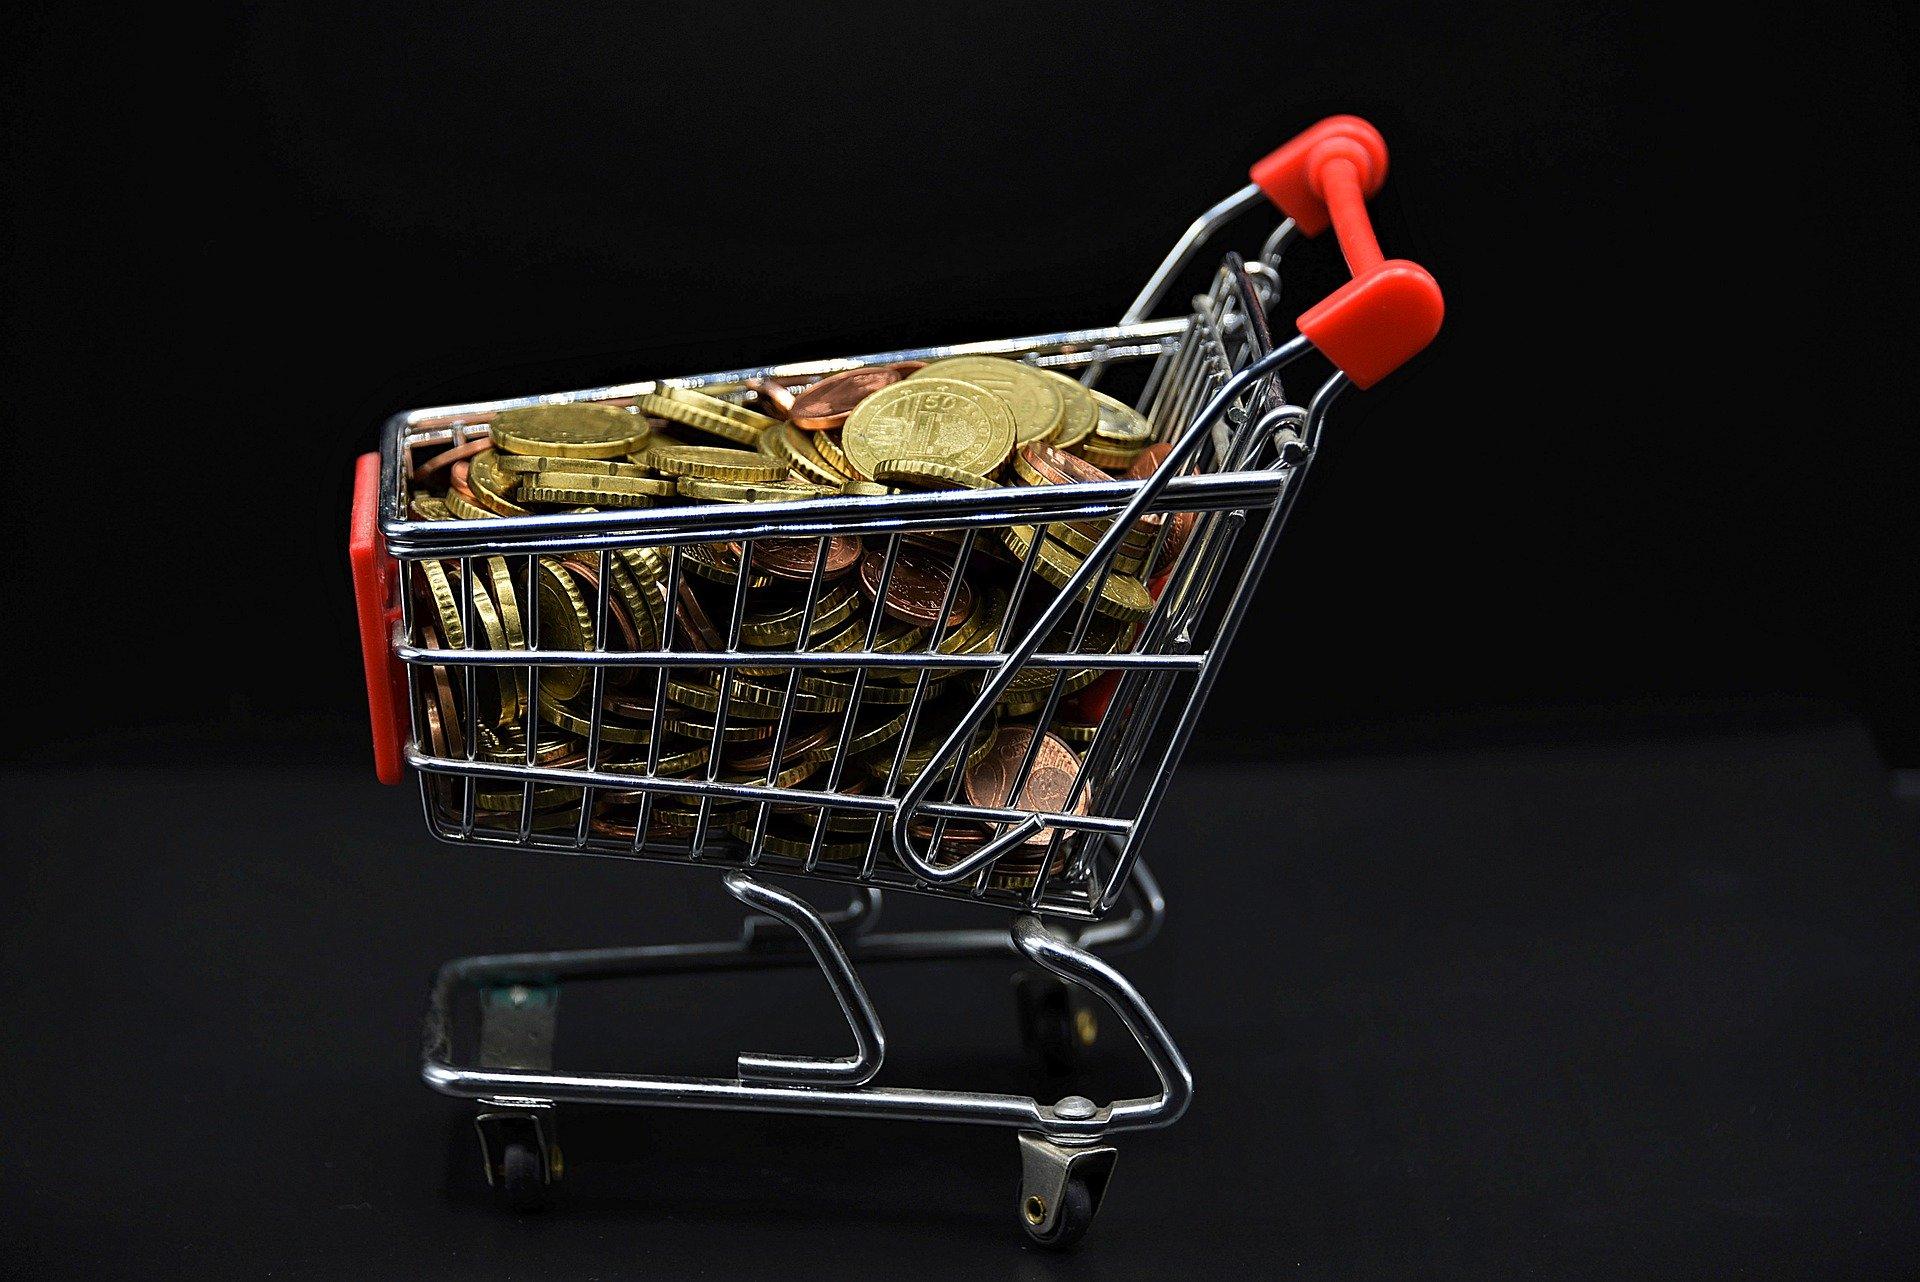 Izplačilo socialnih transferjev: JUNIJ 2020